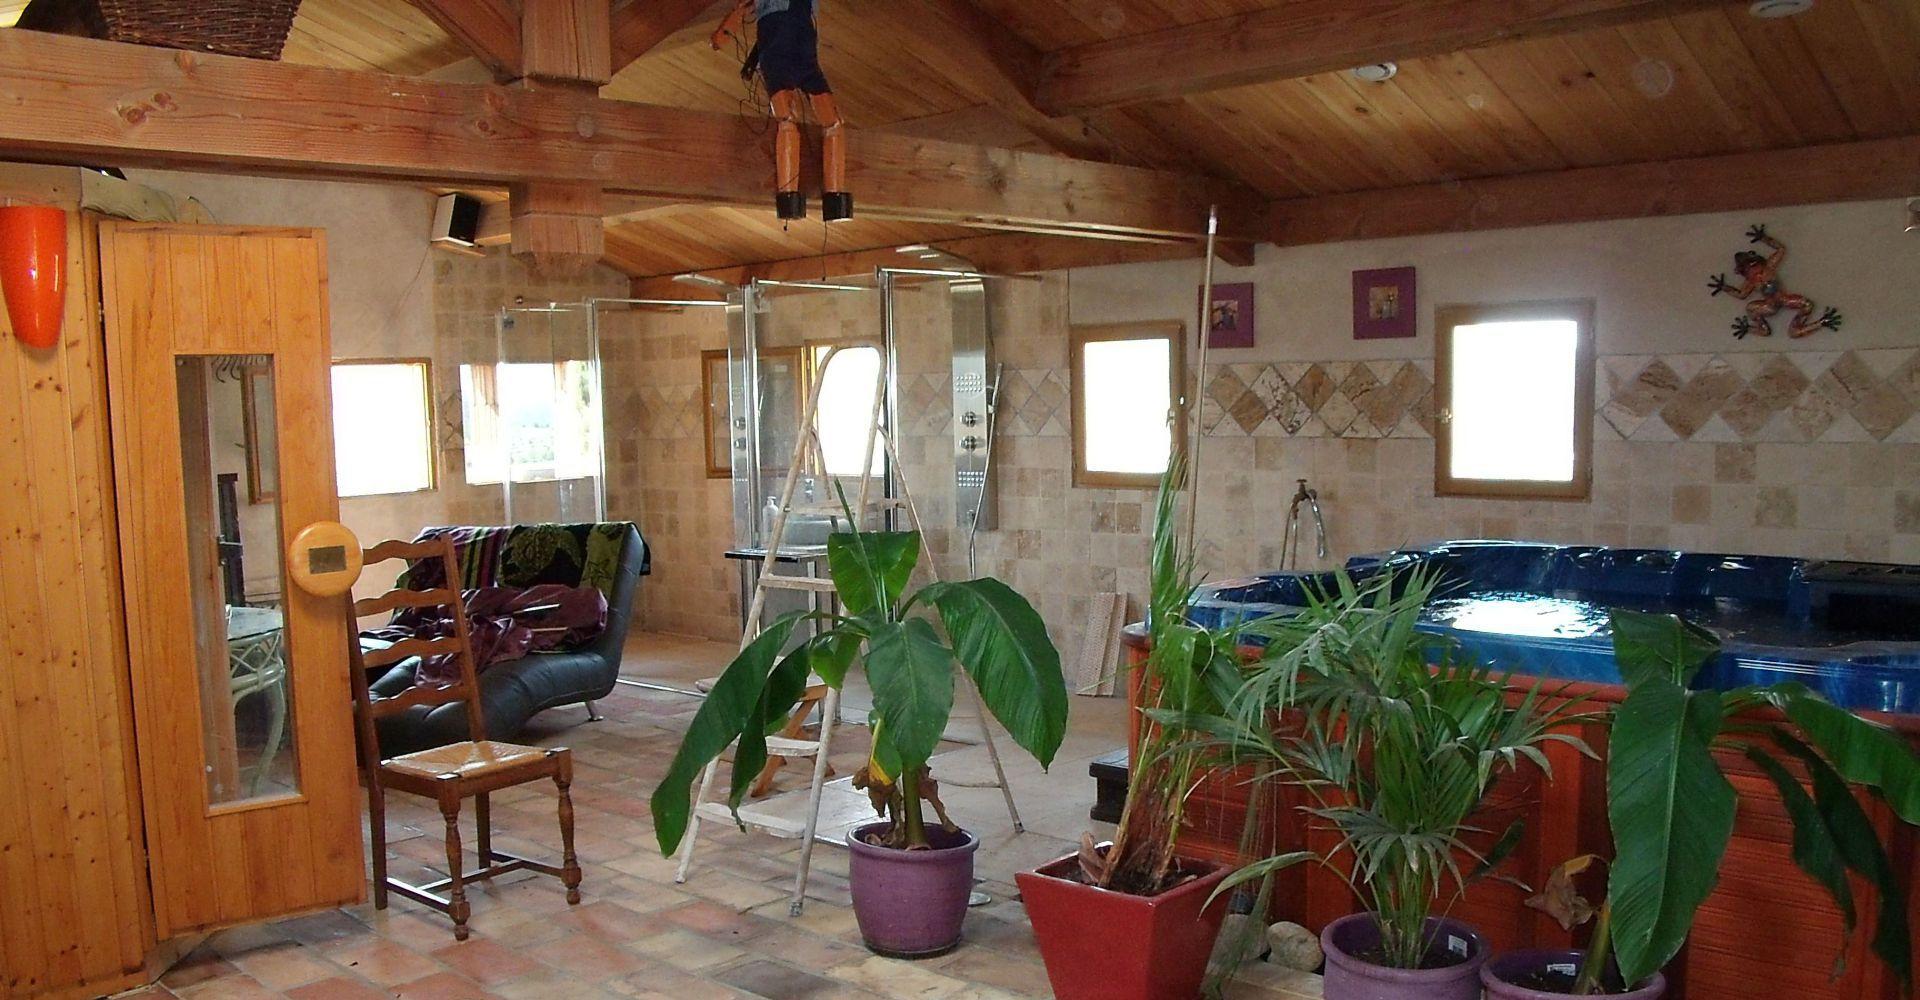 D tente en ard che nature spa sauna for Sauna la detente